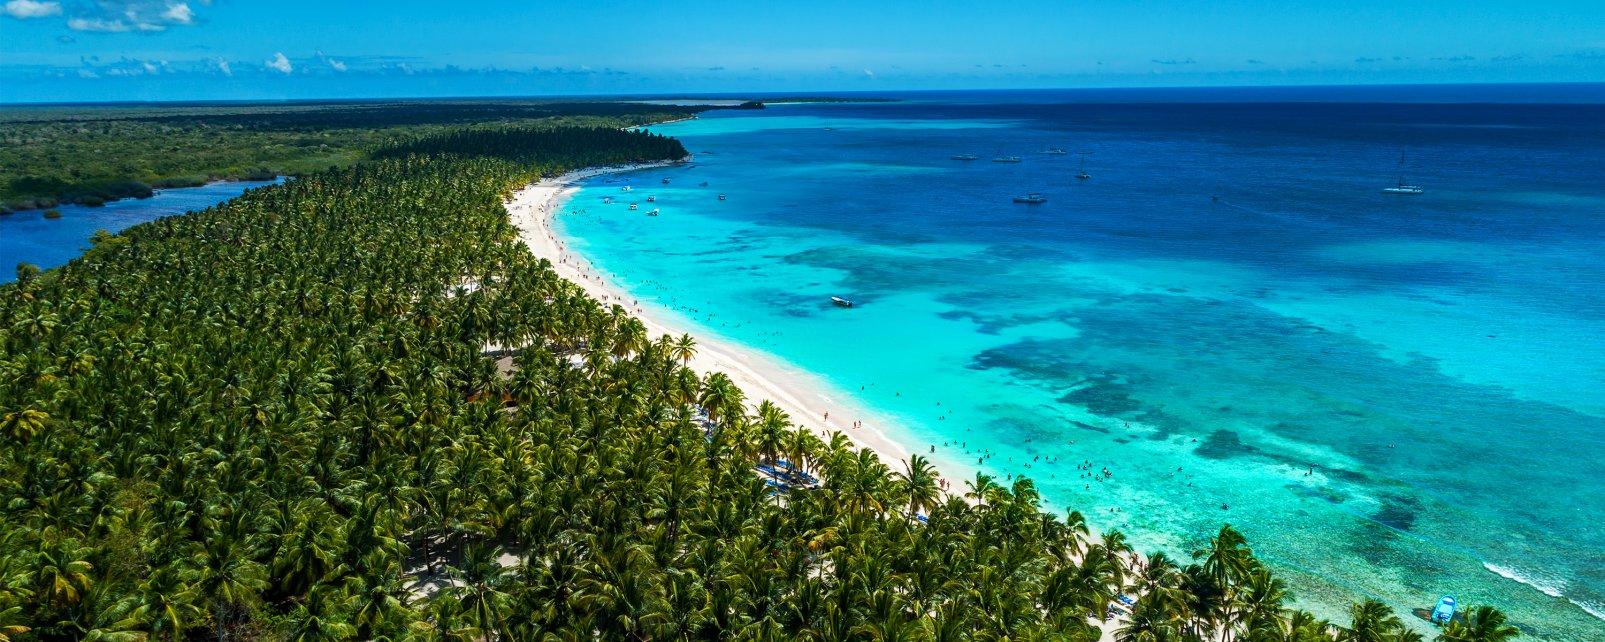 Una auténtica foto de postal..., La costa del Caribe y de los cocoteros, Las costas, Bayahibe, República Dominicana